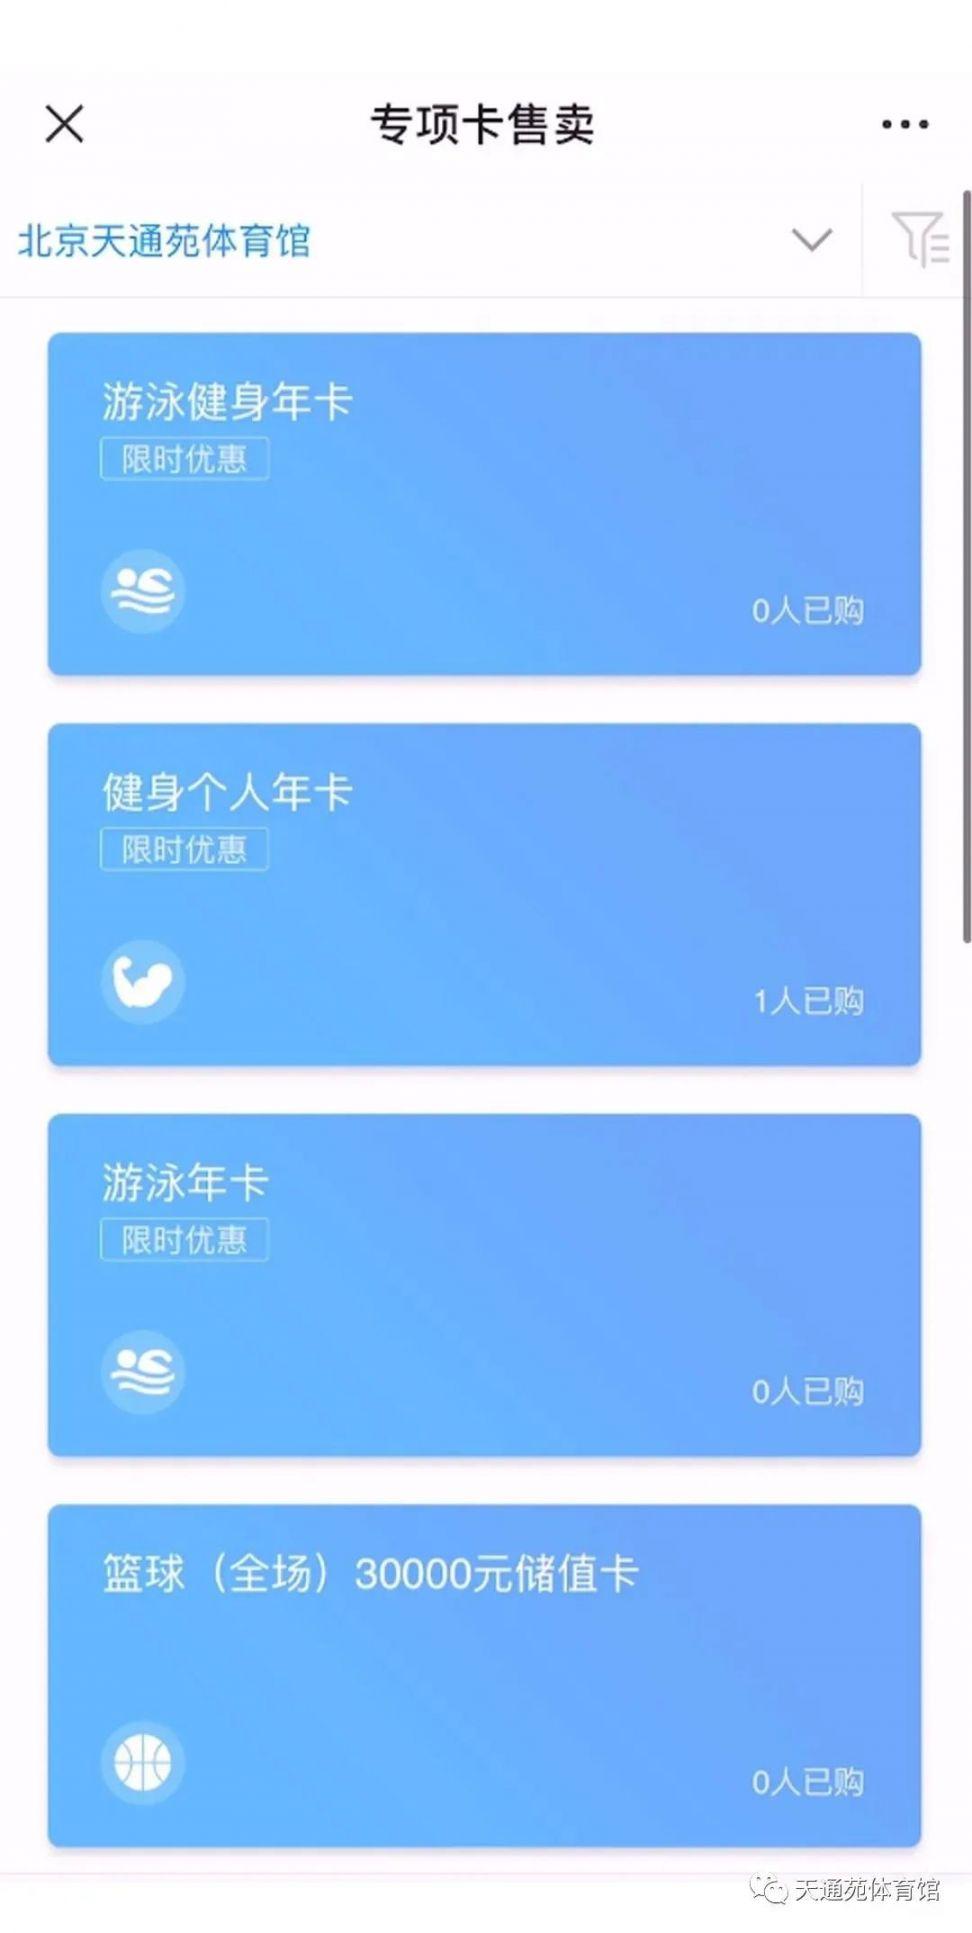 2020北京天通苑体育馆开馆年卡价格优惠(游泳+健身)